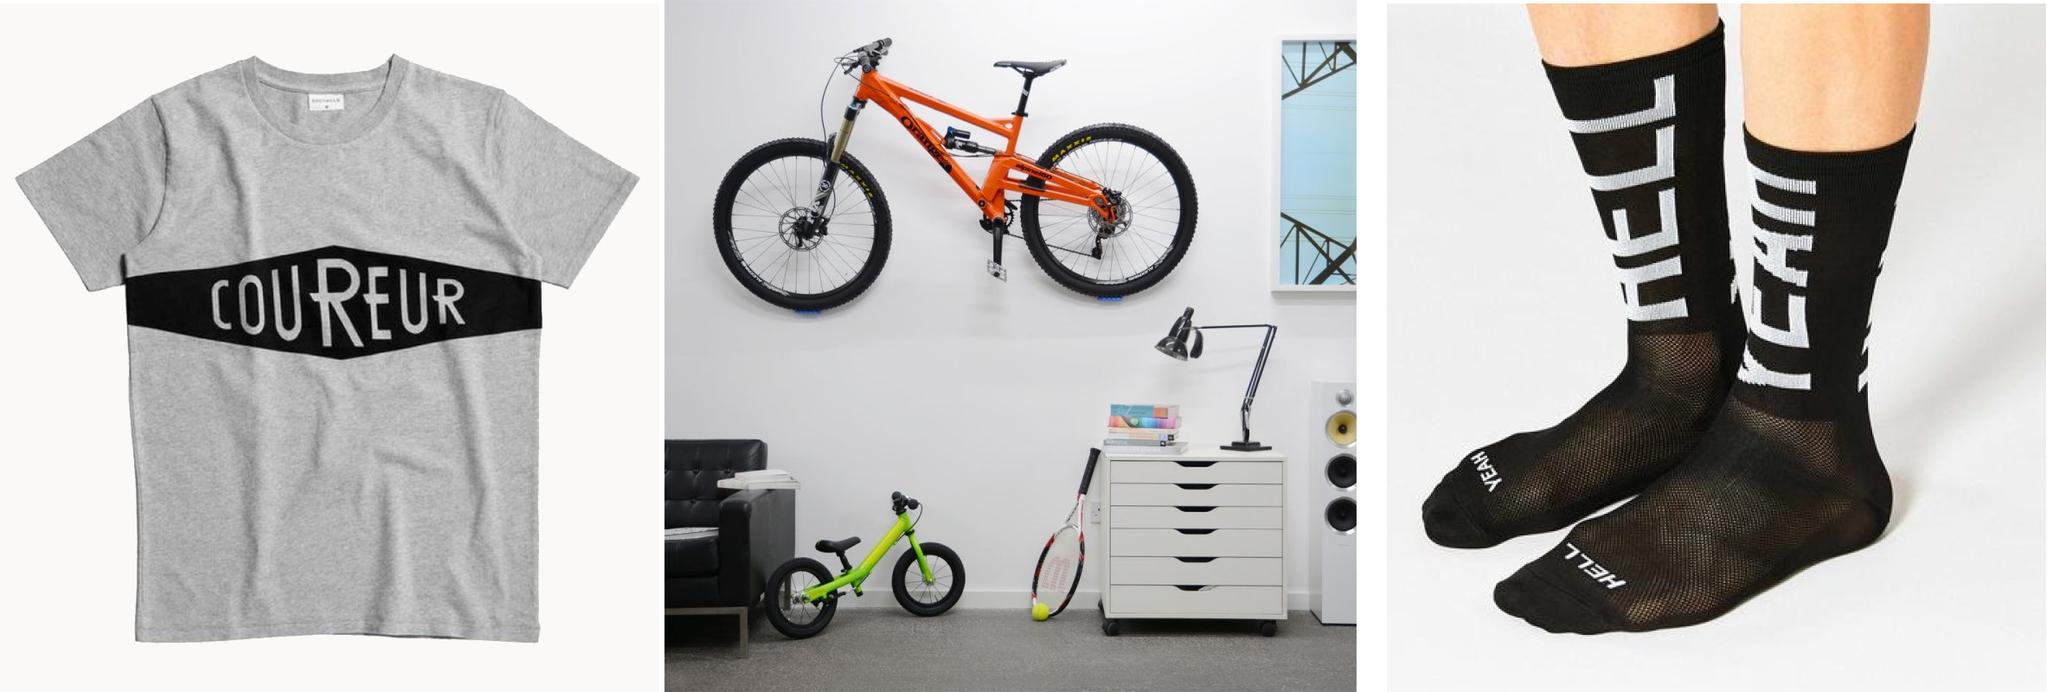 grote kleine en originele cadeaus voor een fietsliefhebber